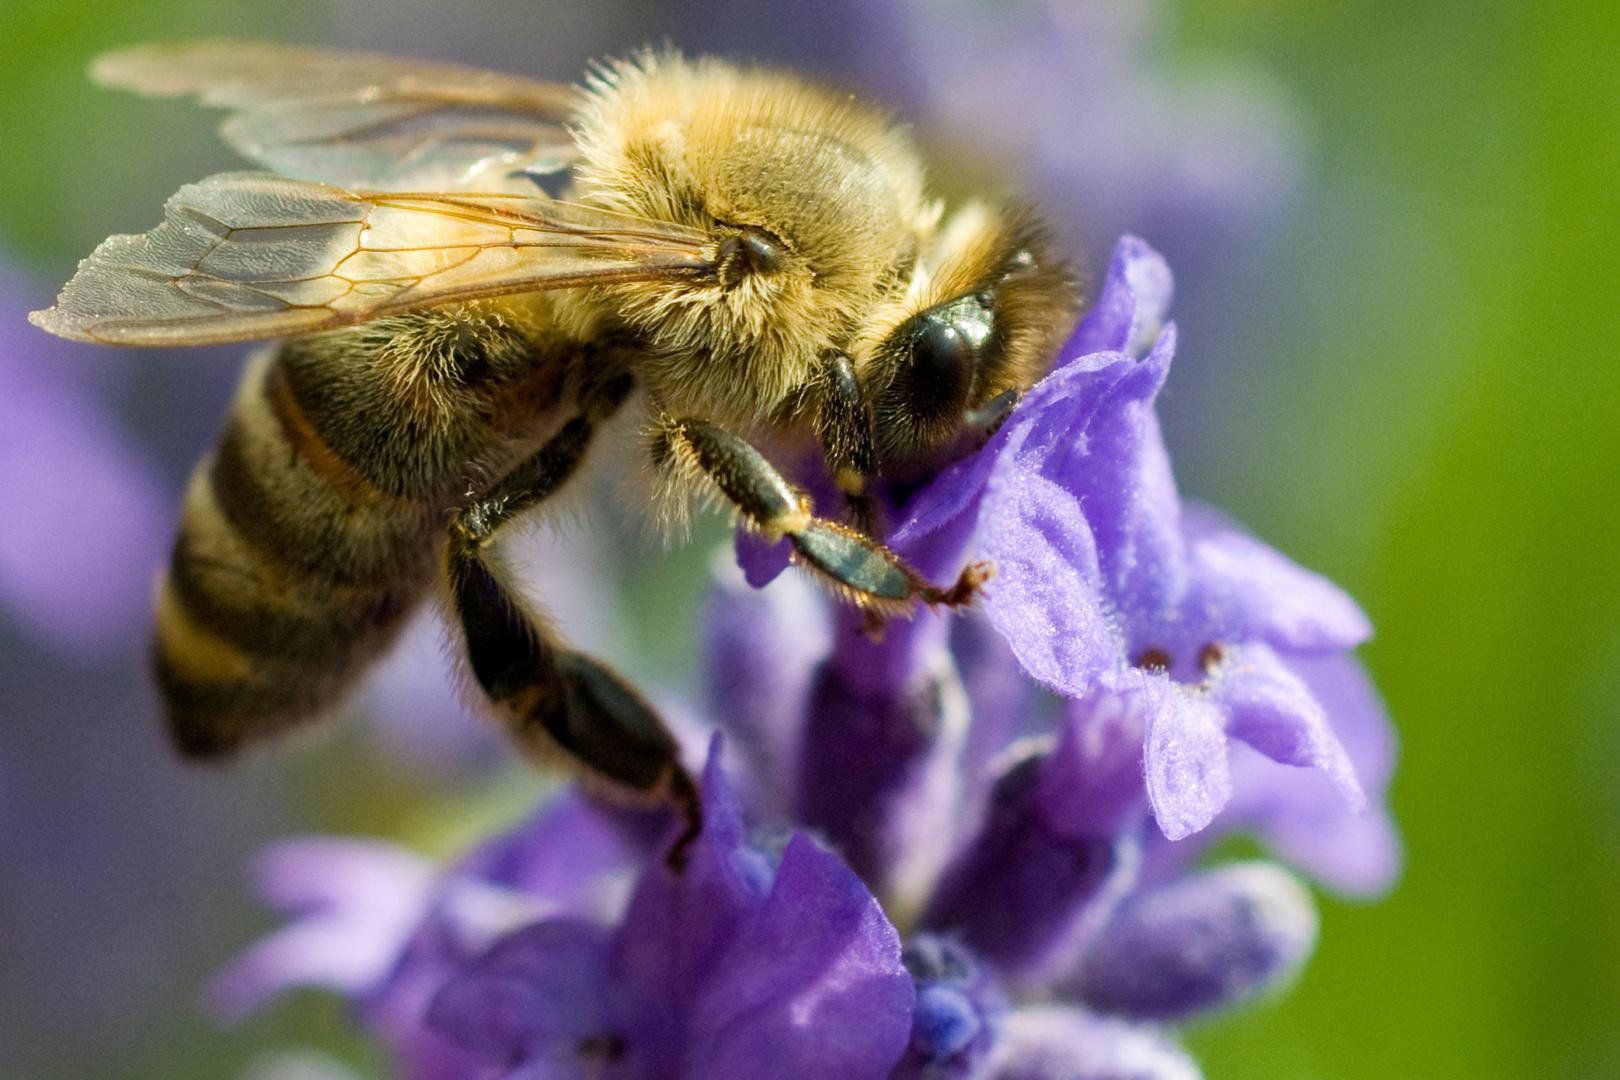 die biene im lavendel foto bild tiere wildlife insekten bilder auf fotocommunity. Black Bedroom Furniture Sets. Home Design Ideas